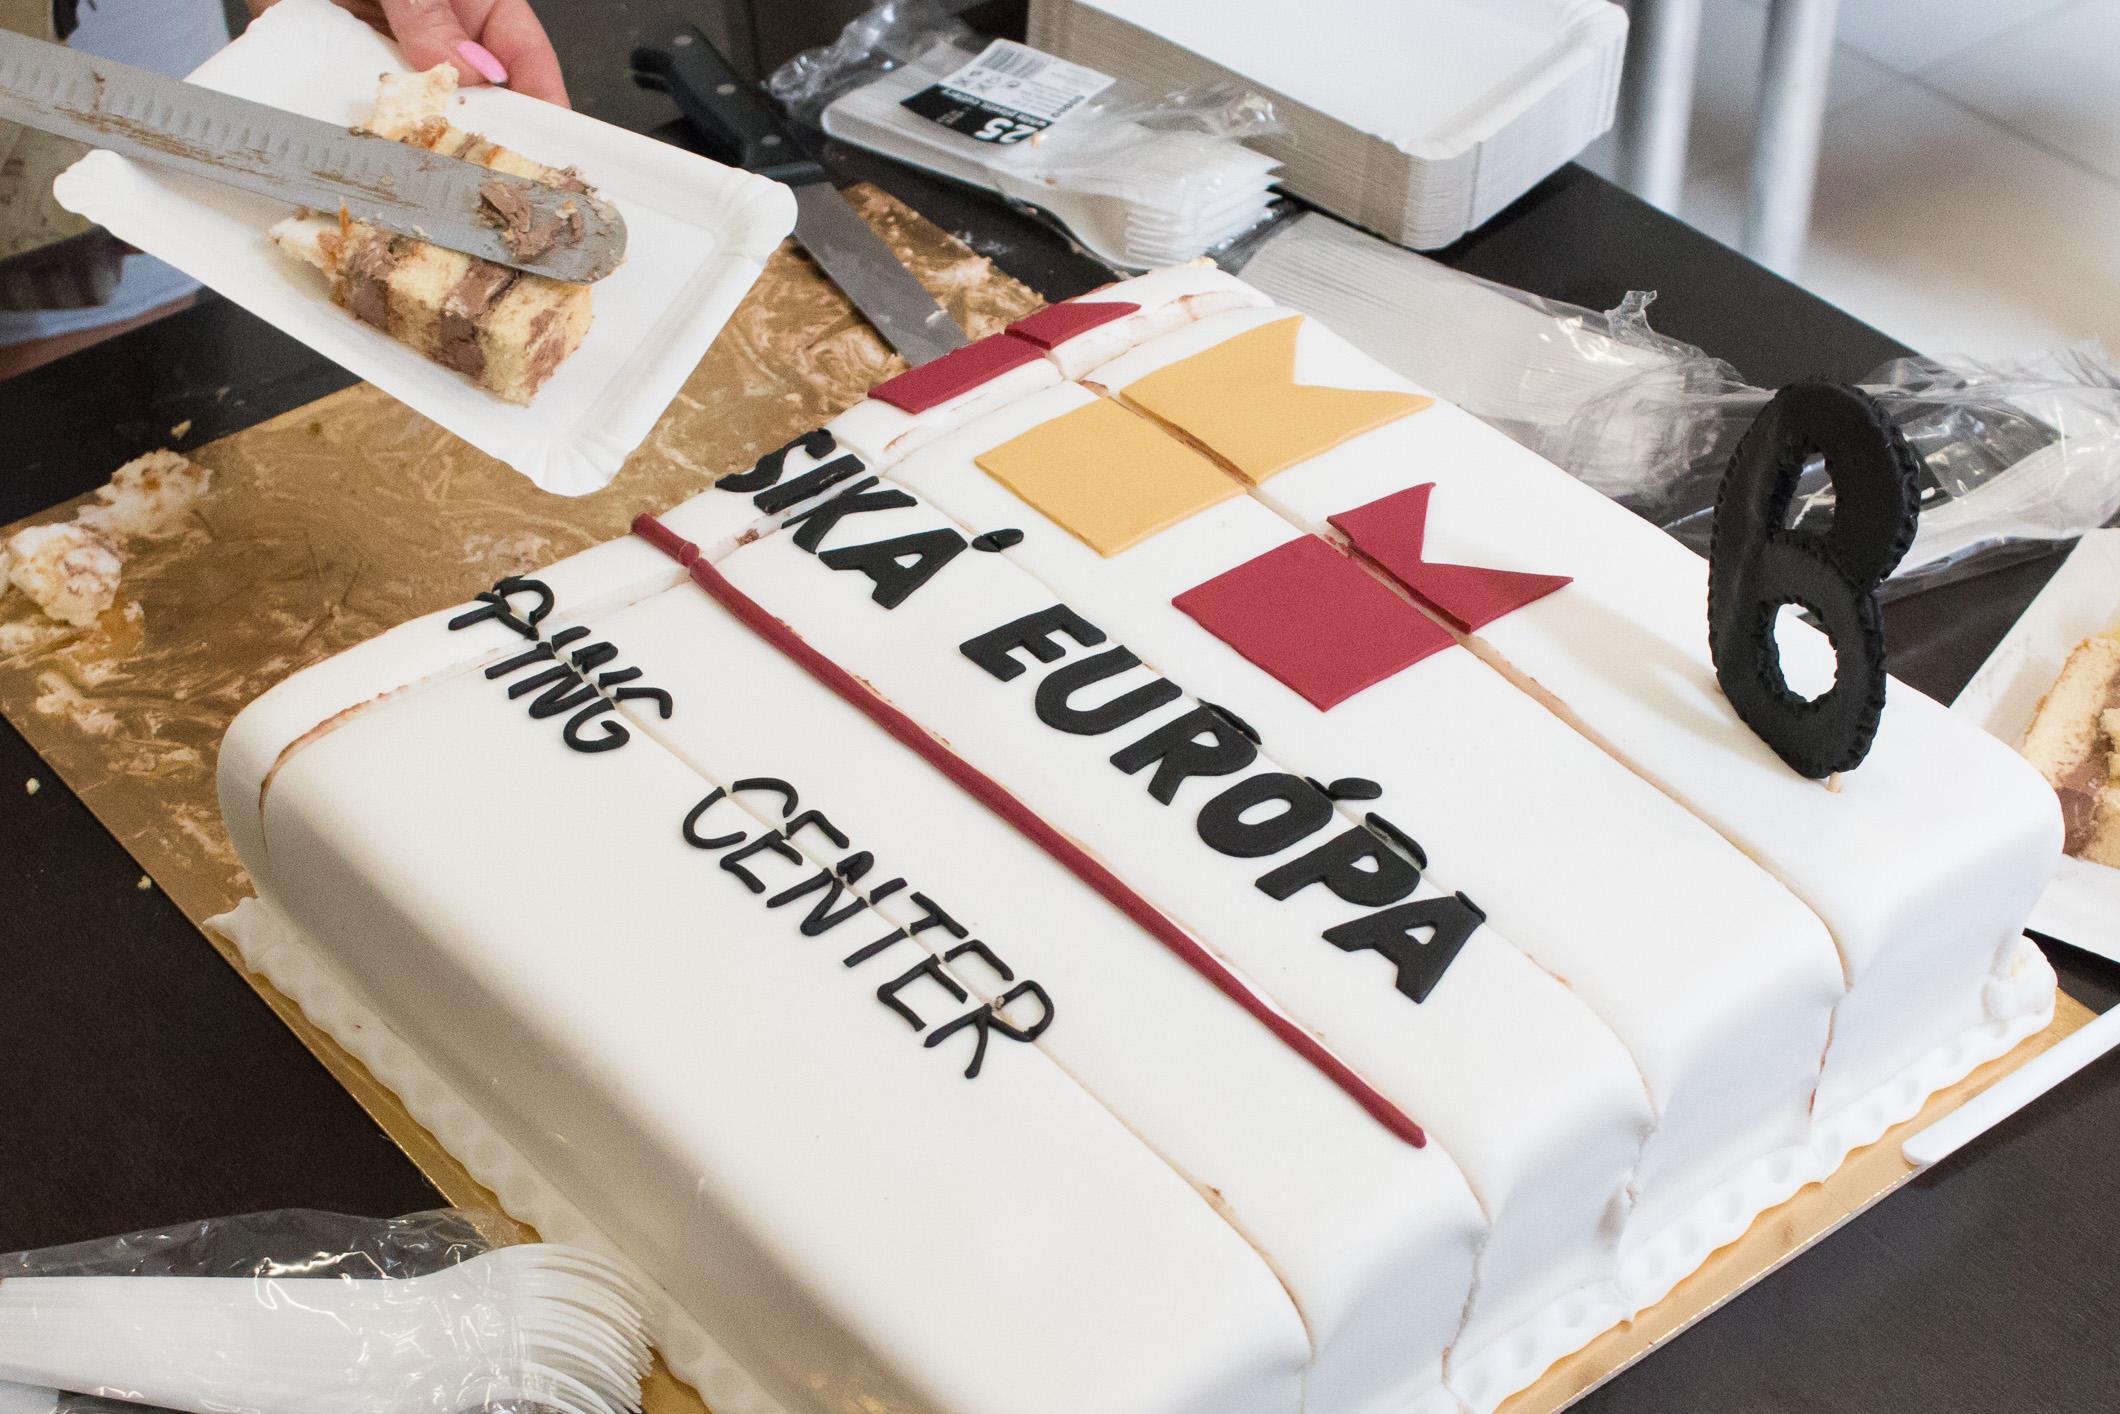 europa-zv-torta-10